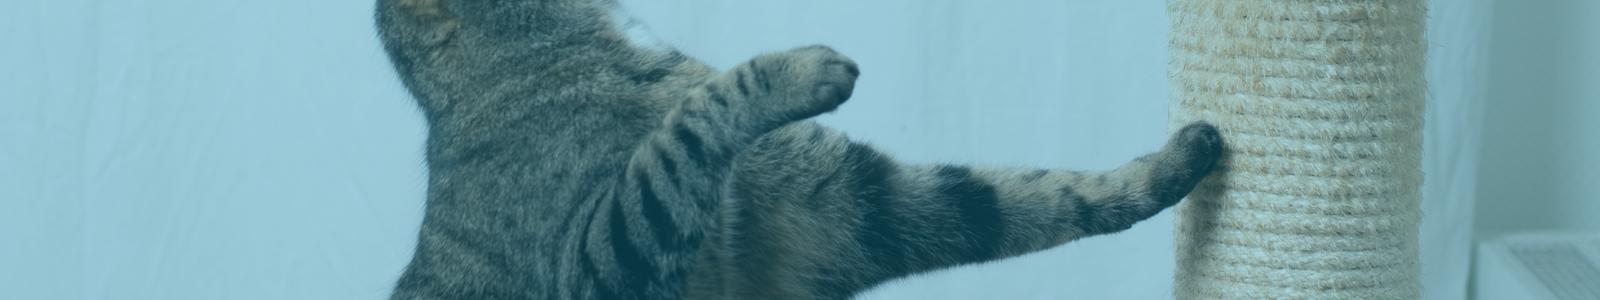 Cat Using Cat Scratcher